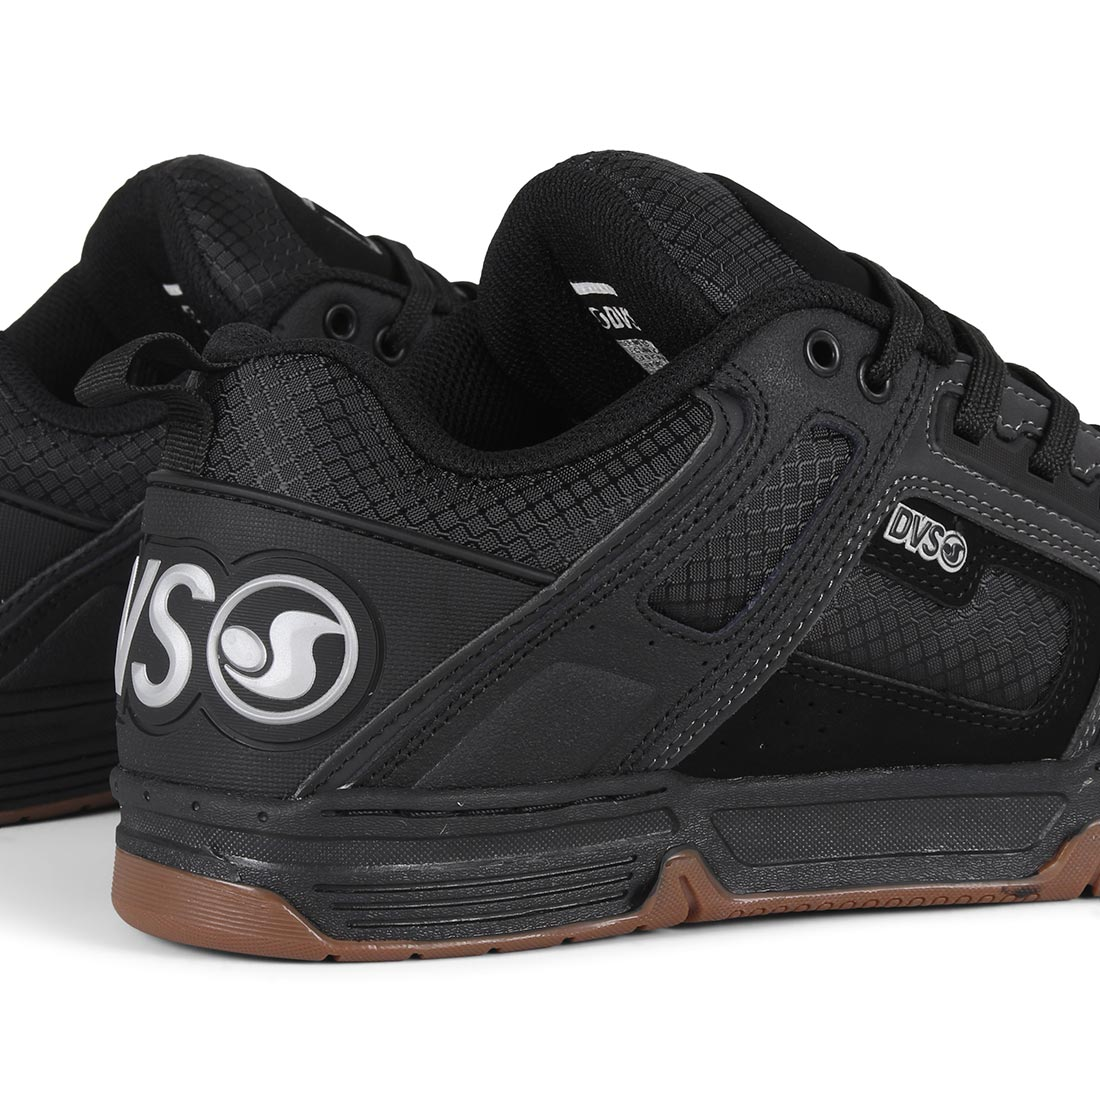 DVS Comanche Shoes - Black / White / Gum / Flash Pack